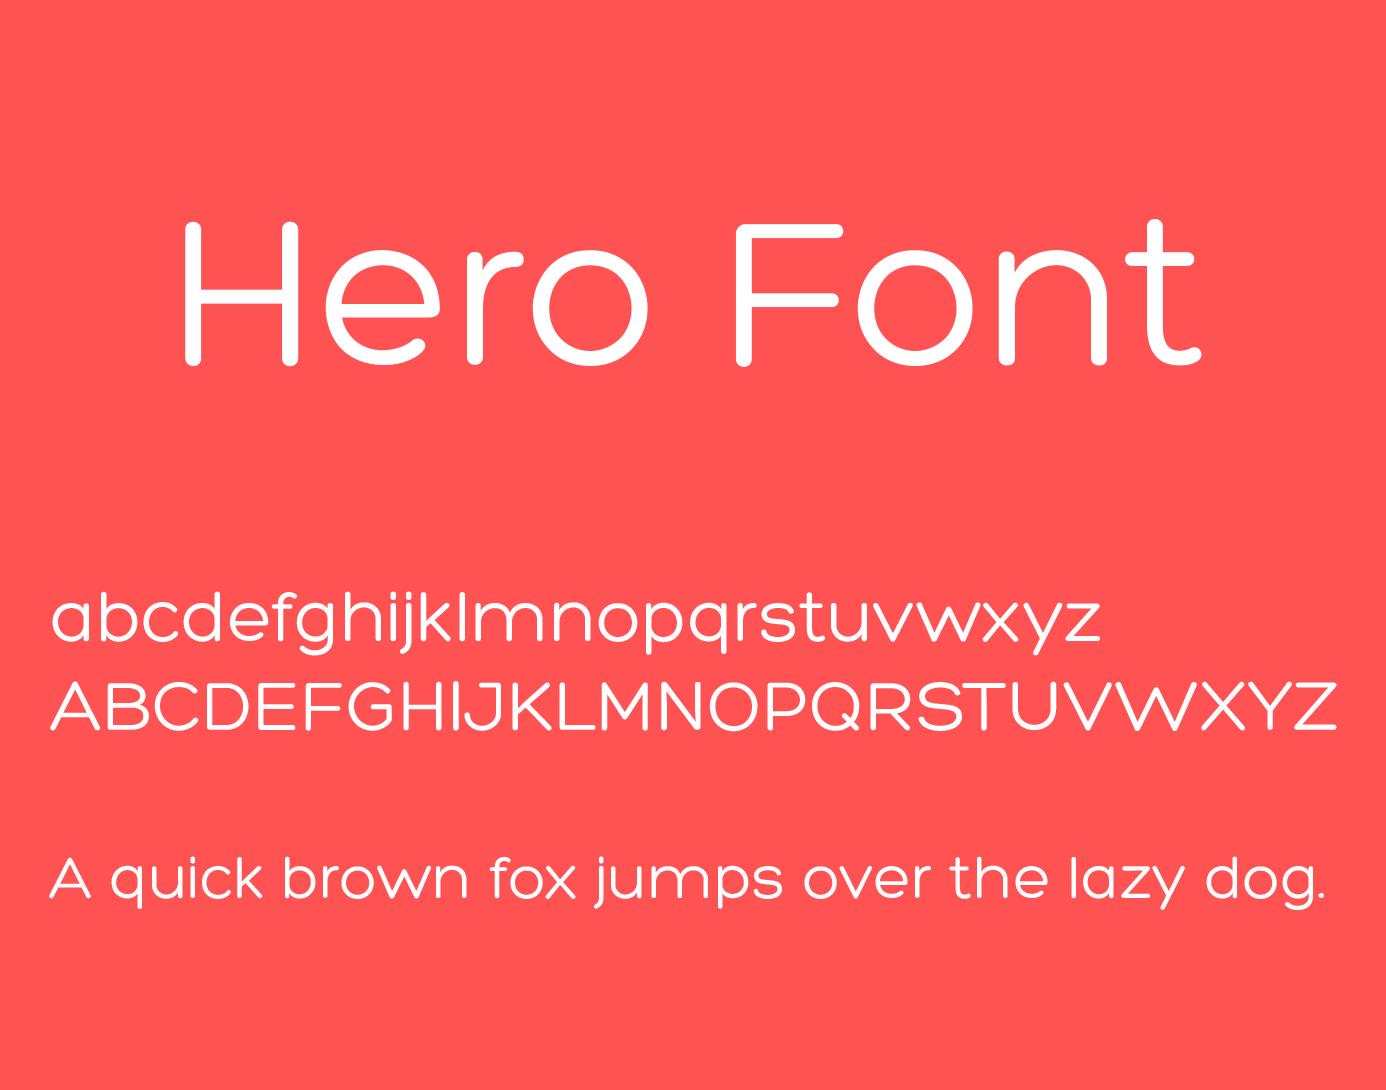 hero-font